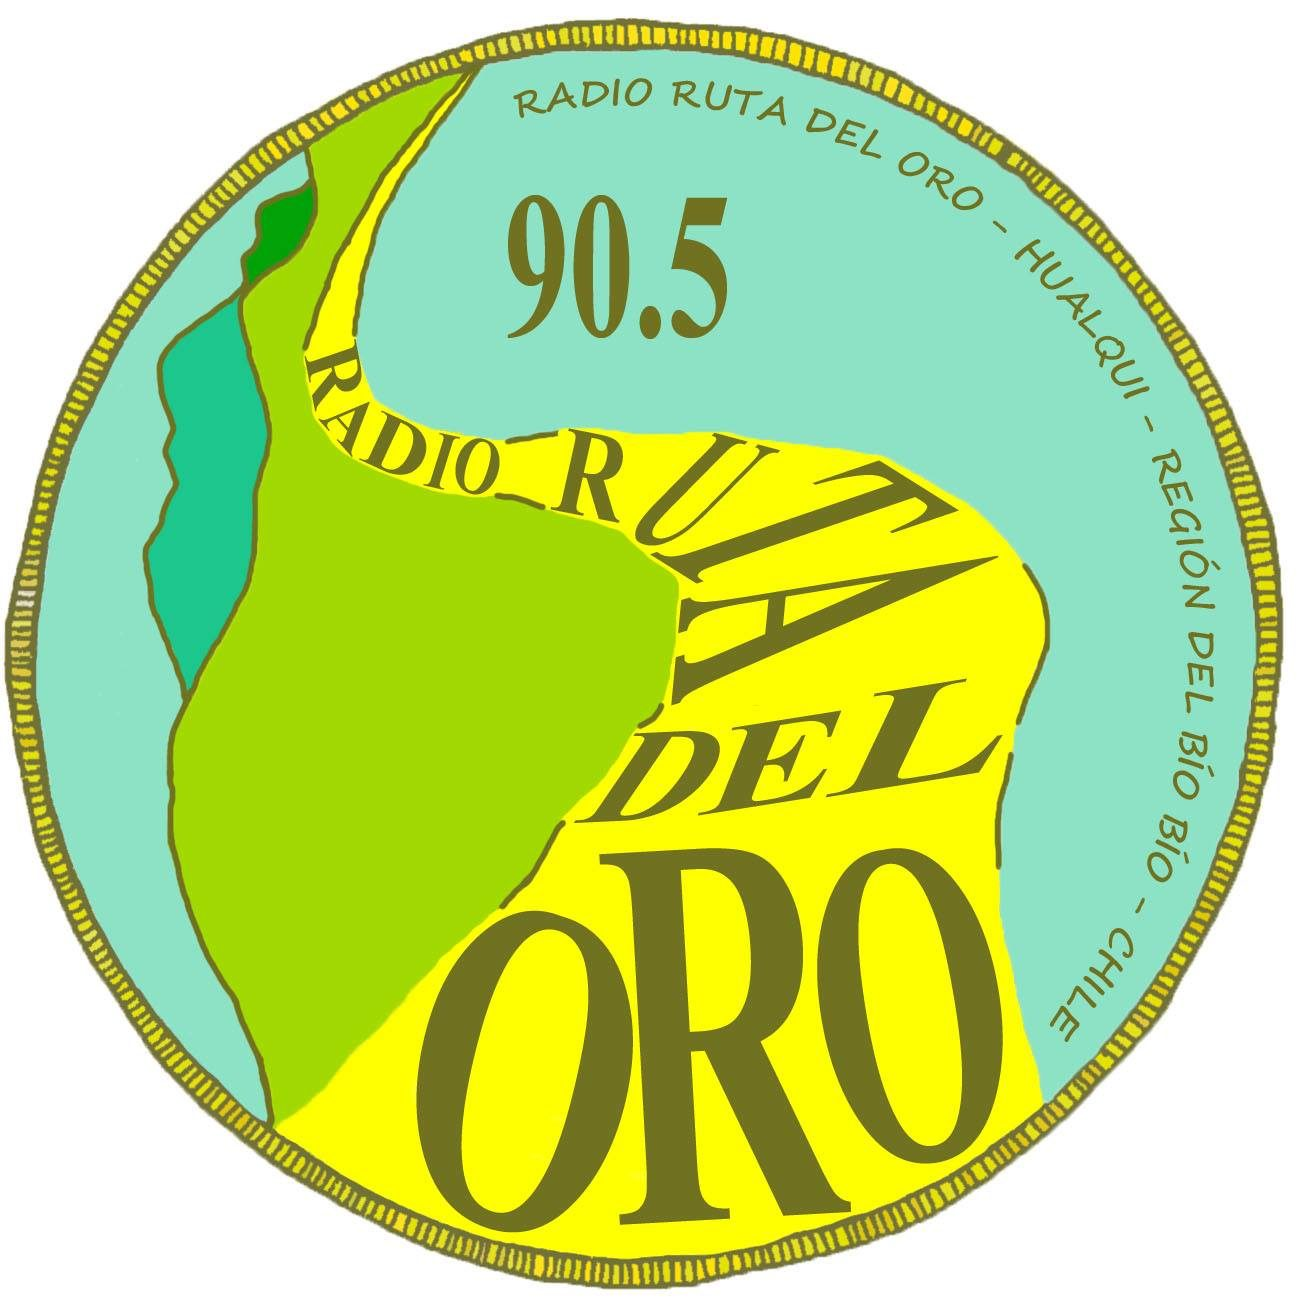 Radio Ruta del Oro